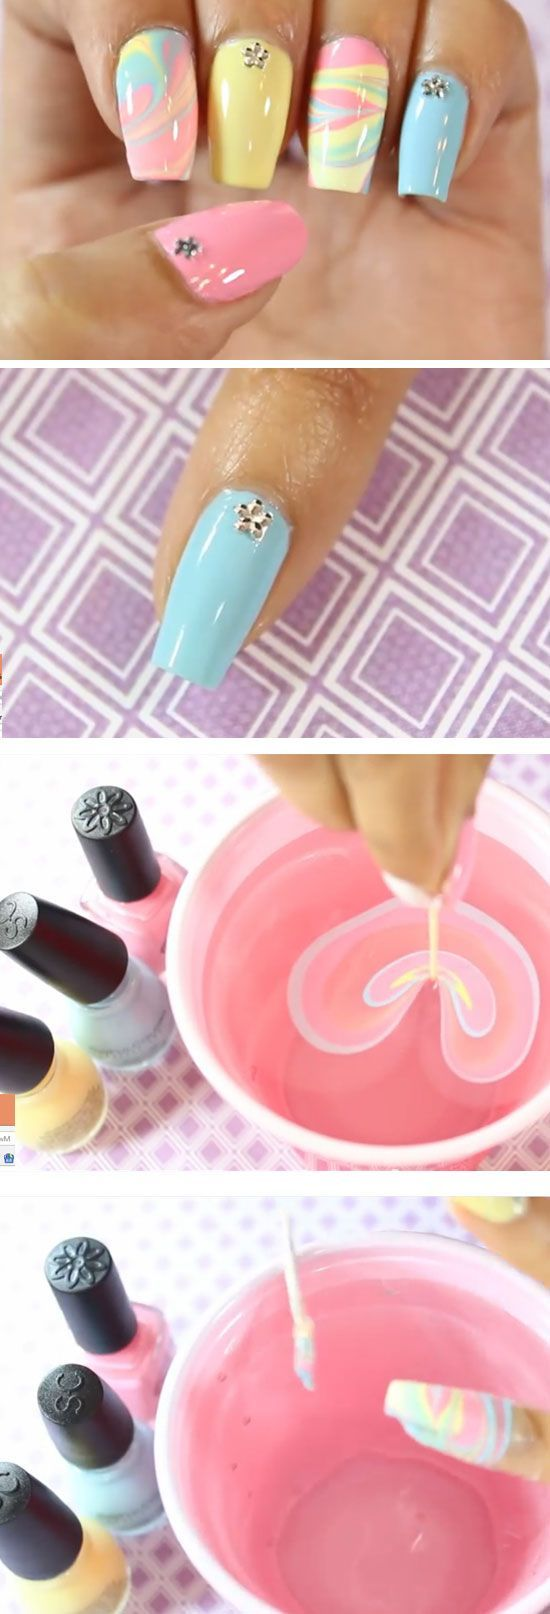 197 besten Simple Nail Art Designs Bilder auf Pinterest ...